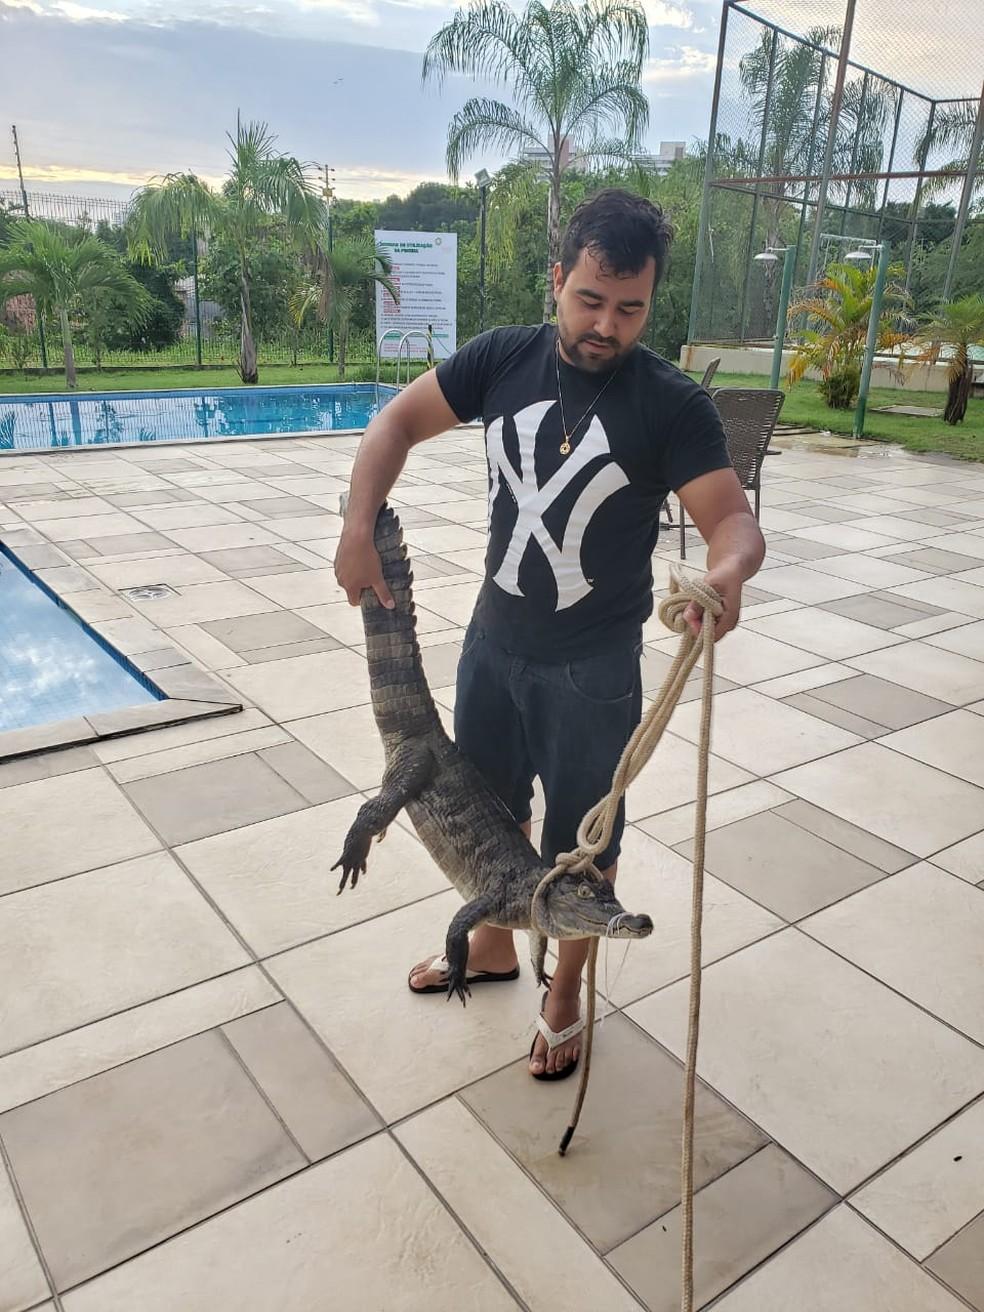 Matheus Vilela segura o jacaré que foi encontrado dentro de piscina em condomínio residencial de Manaus — Foto: Arquivo pessoal